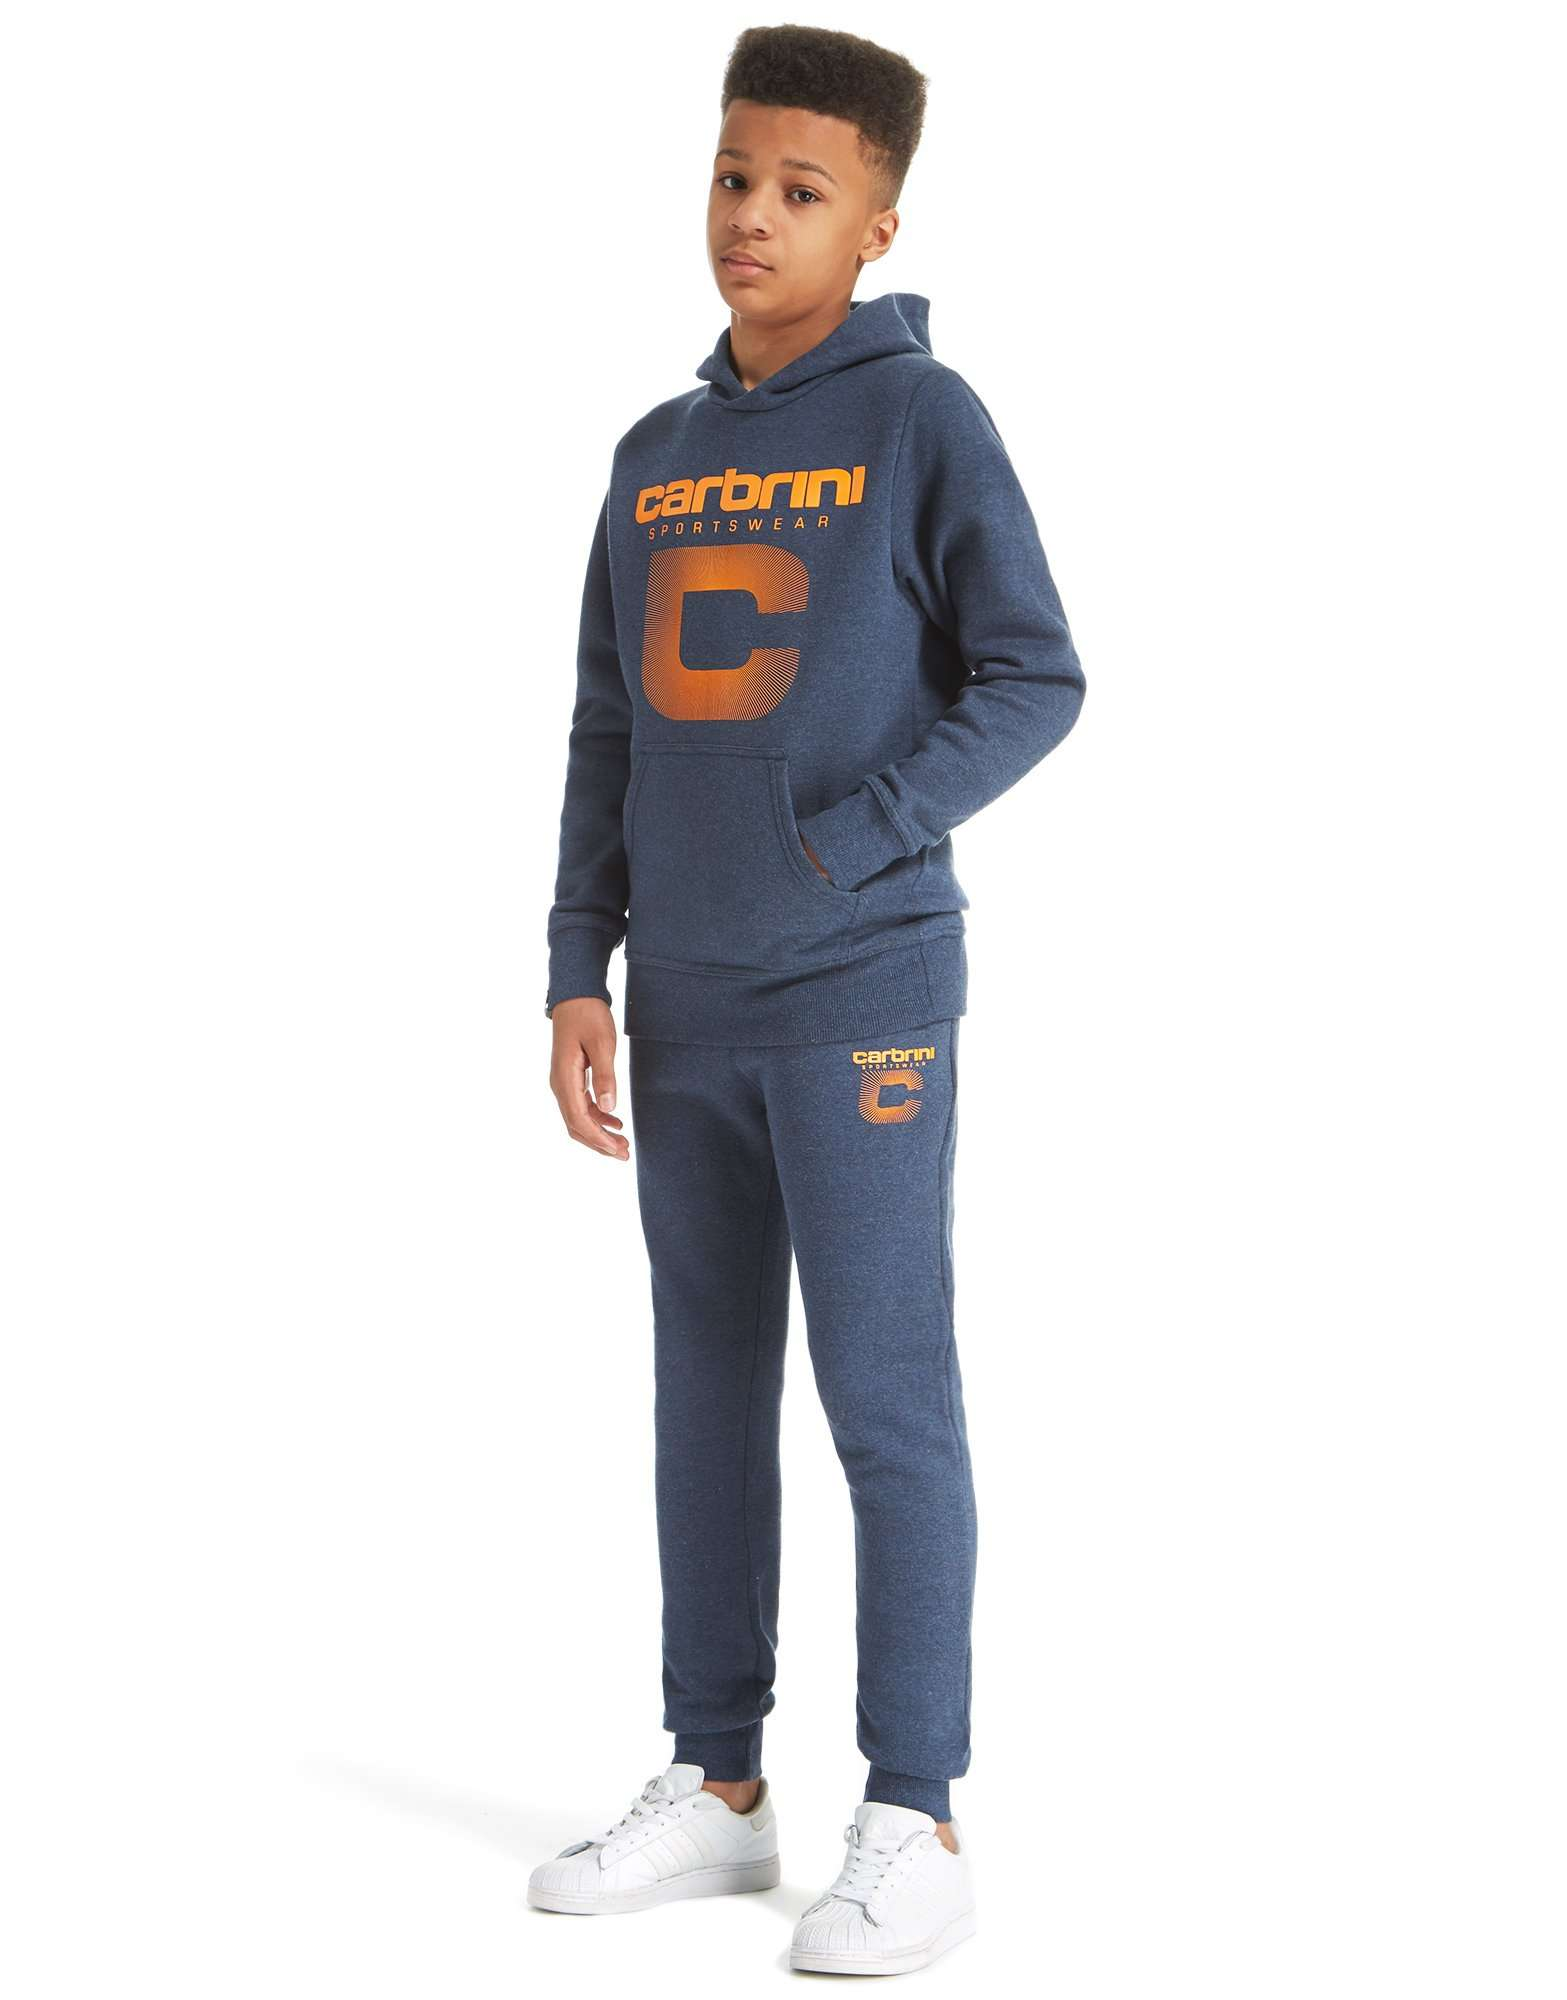 Carbrini Marshall Fleece Pants Junior